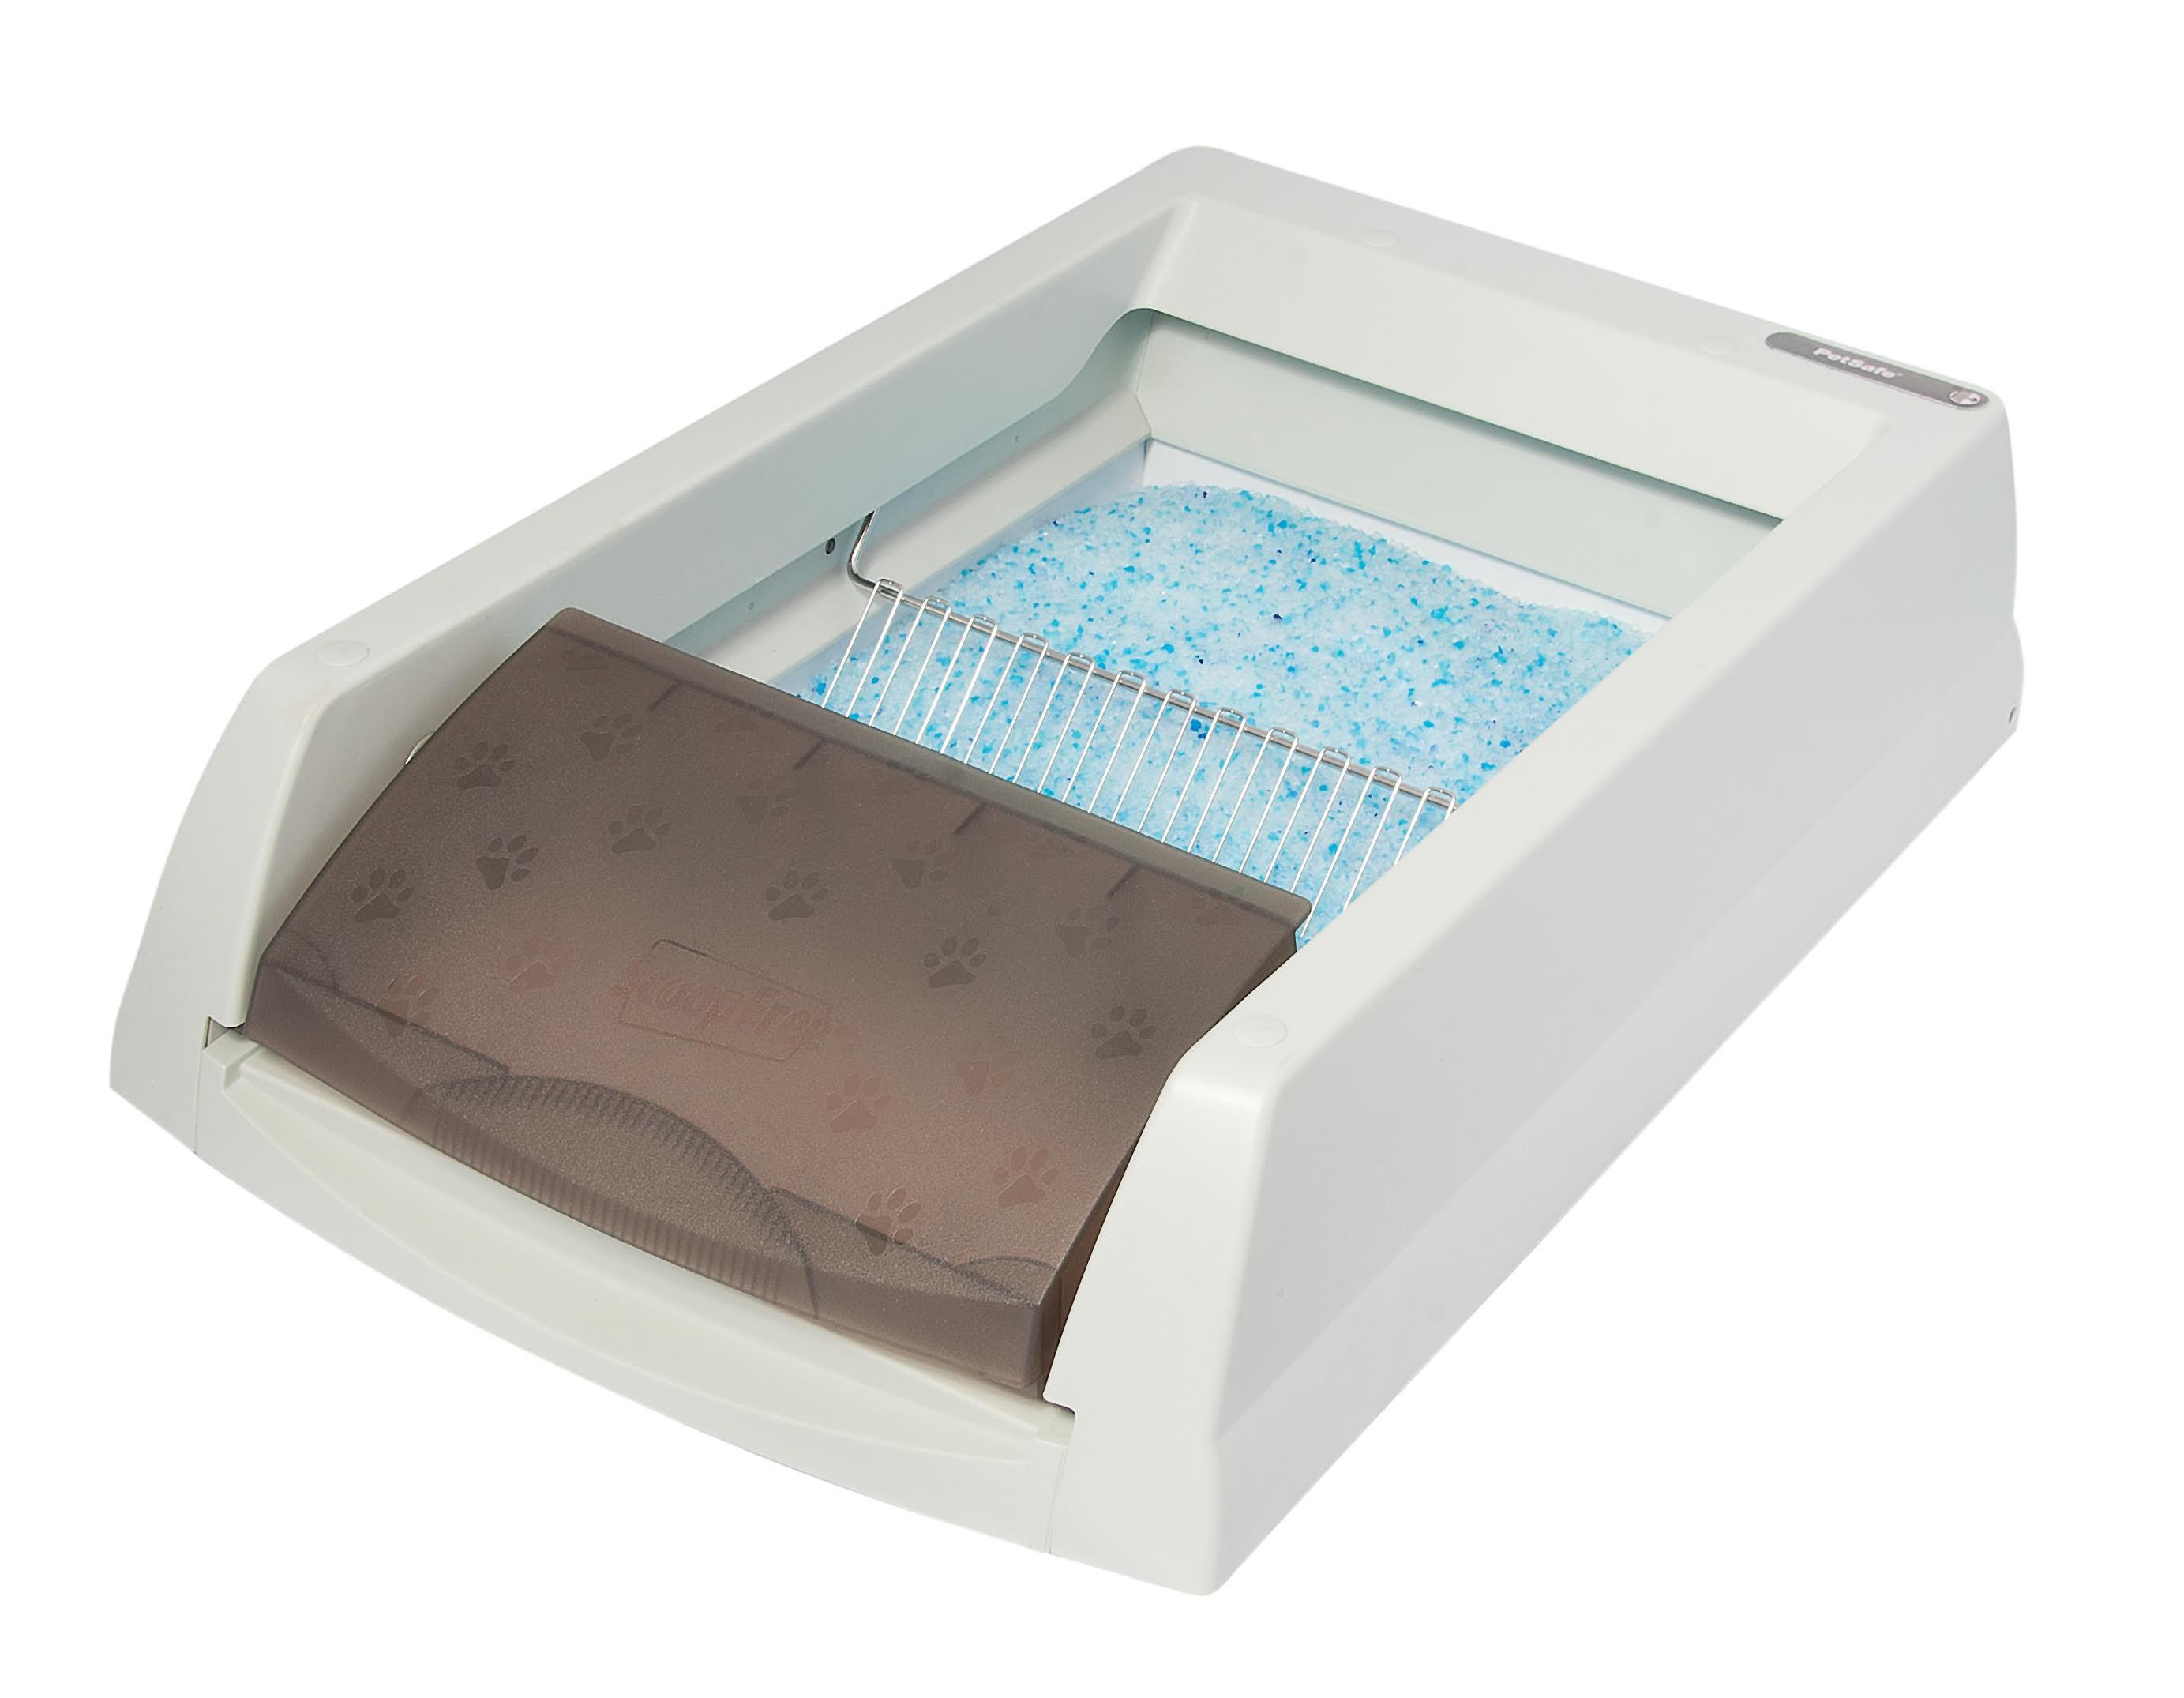 Maison de toilette auto-nettoyante ScoopFree™